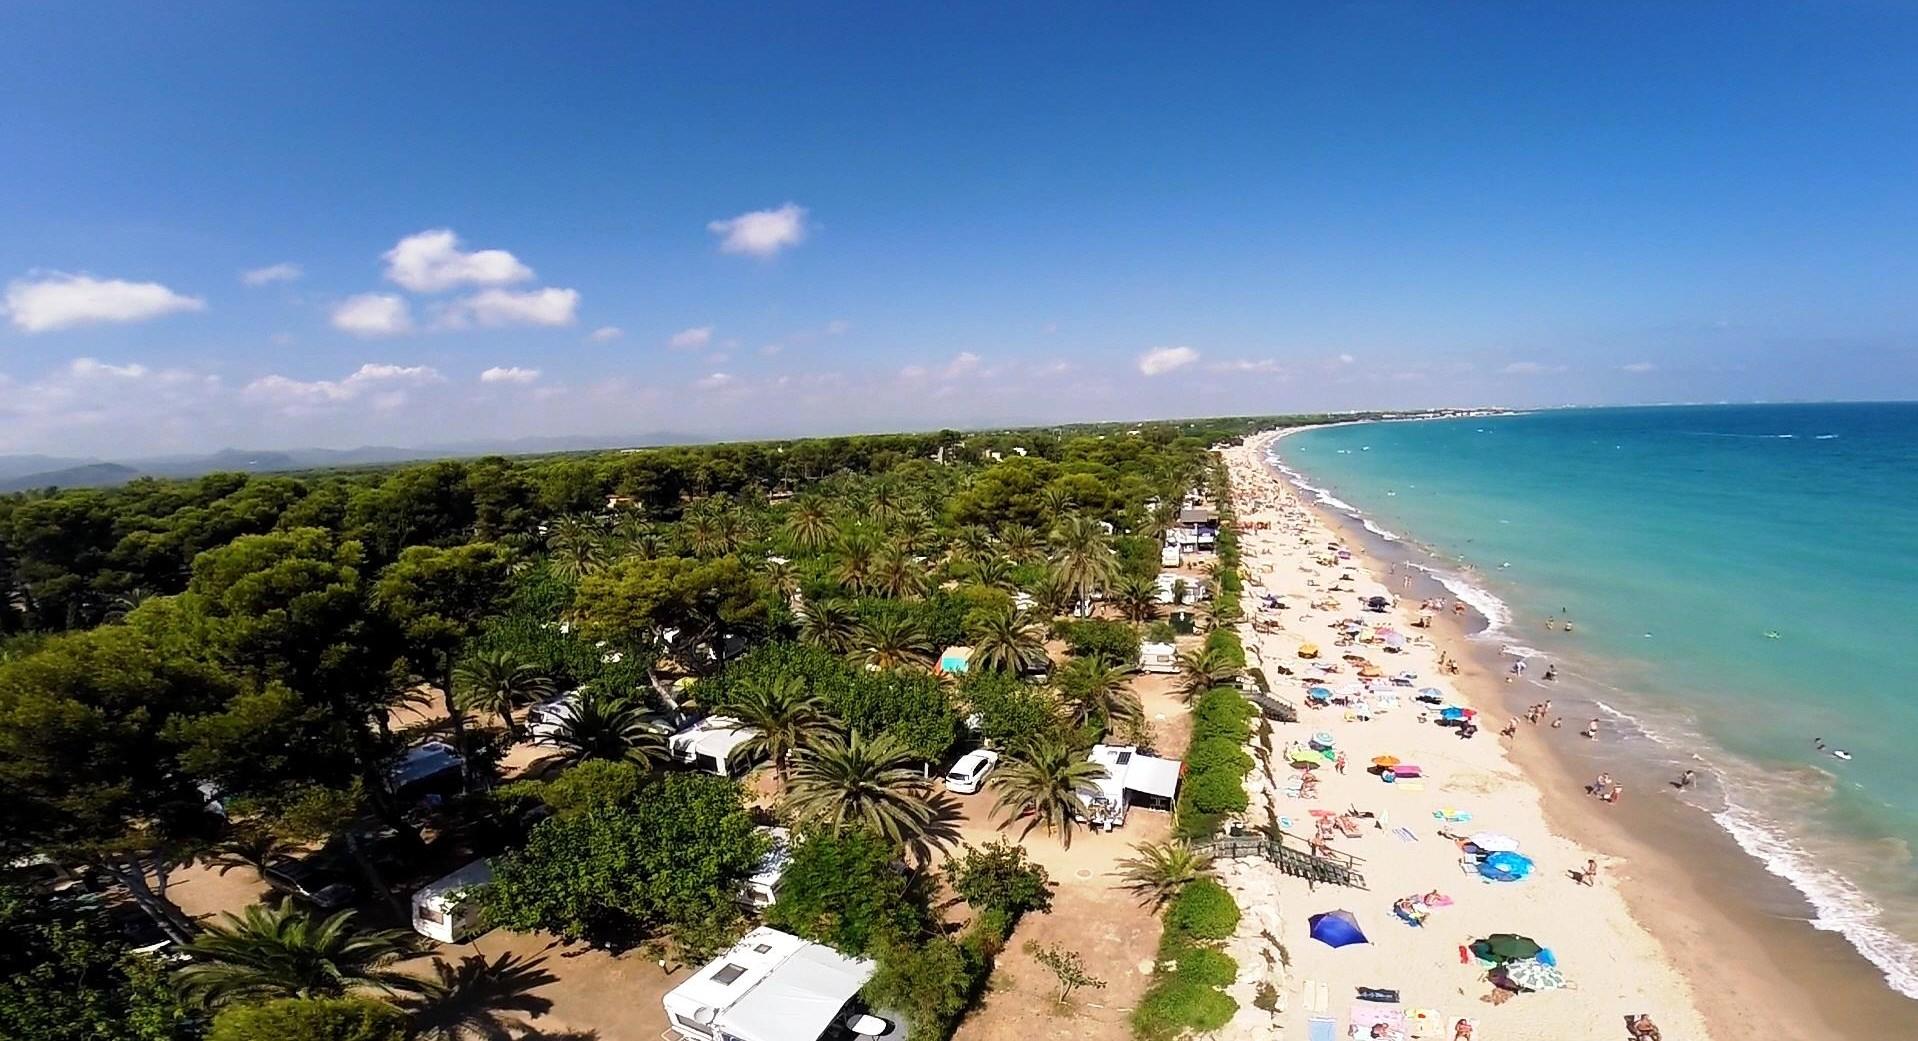 Camping Costa Dorada Bungalows En La Playa